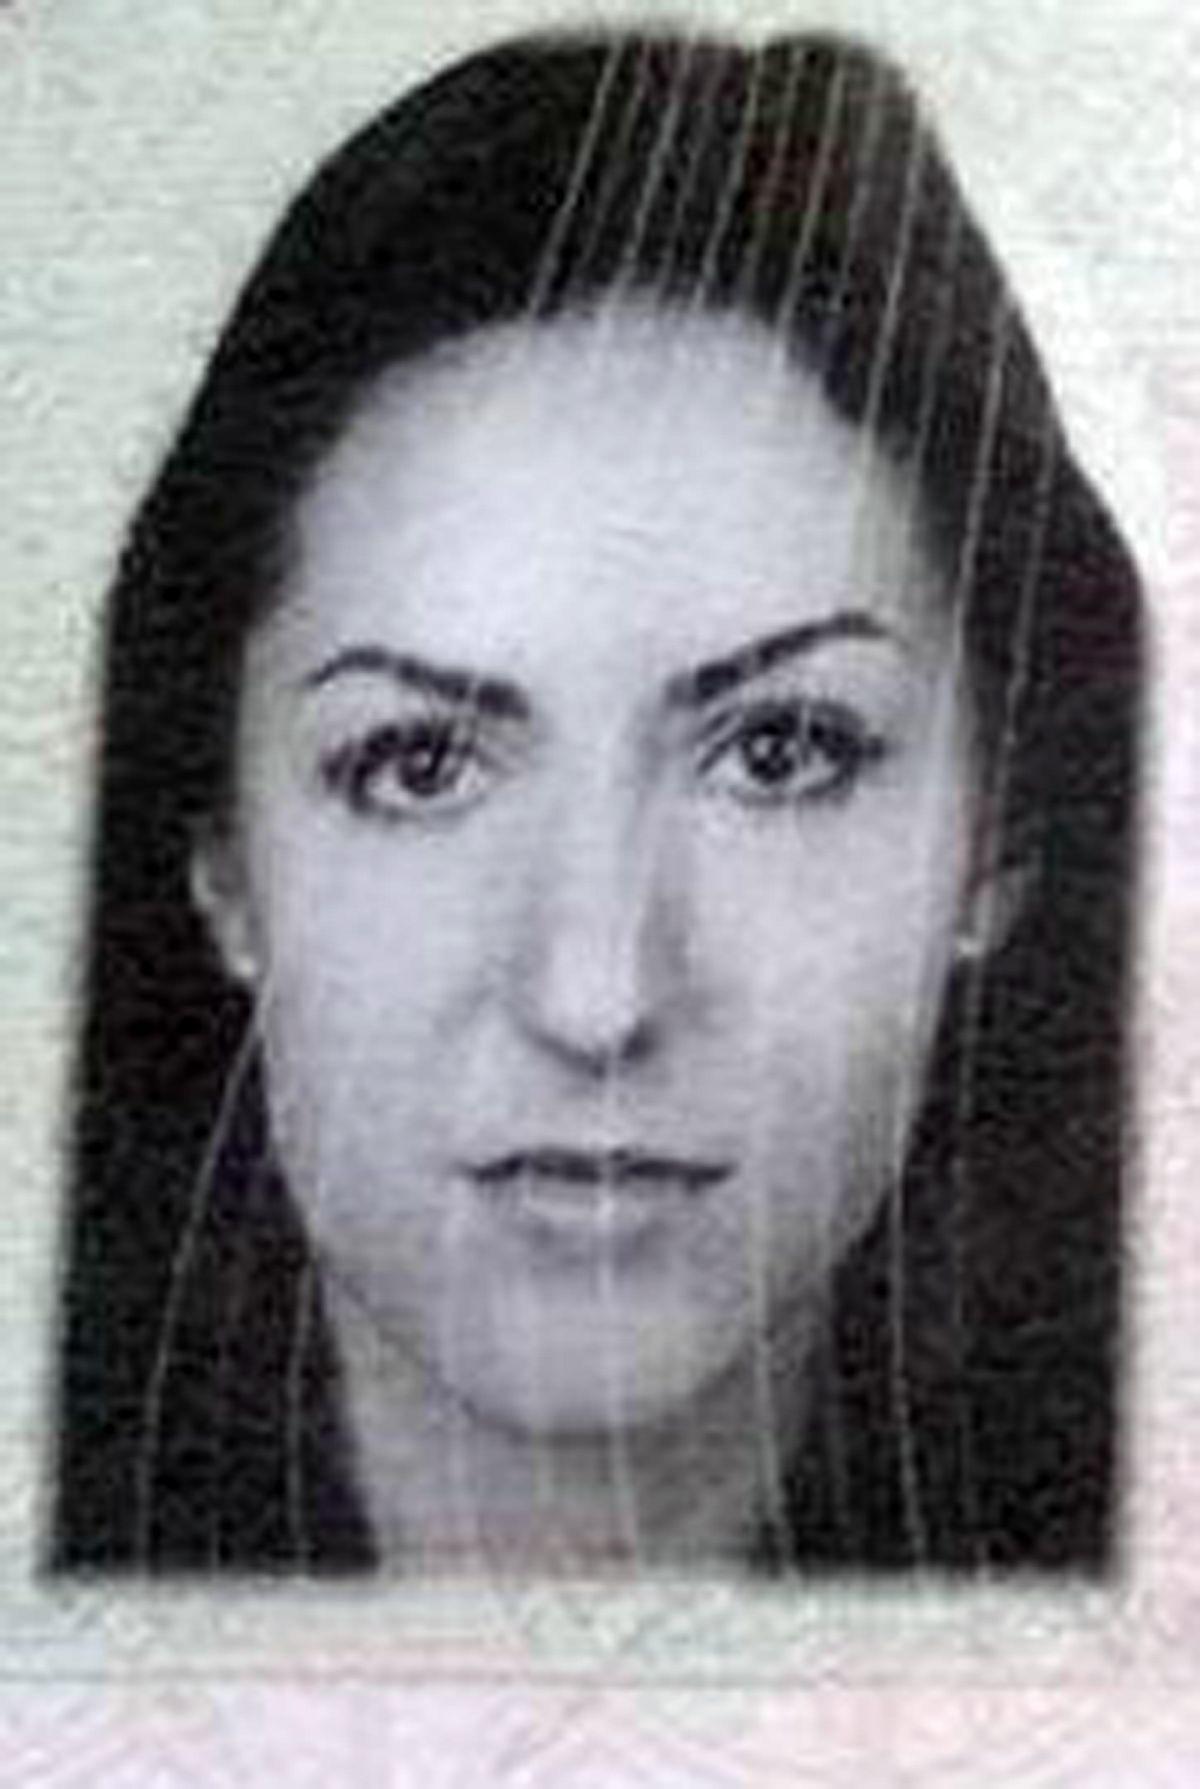 Antalya da aşırı hızlı otomobilin çarptığı Polonyalı çift öldü #4